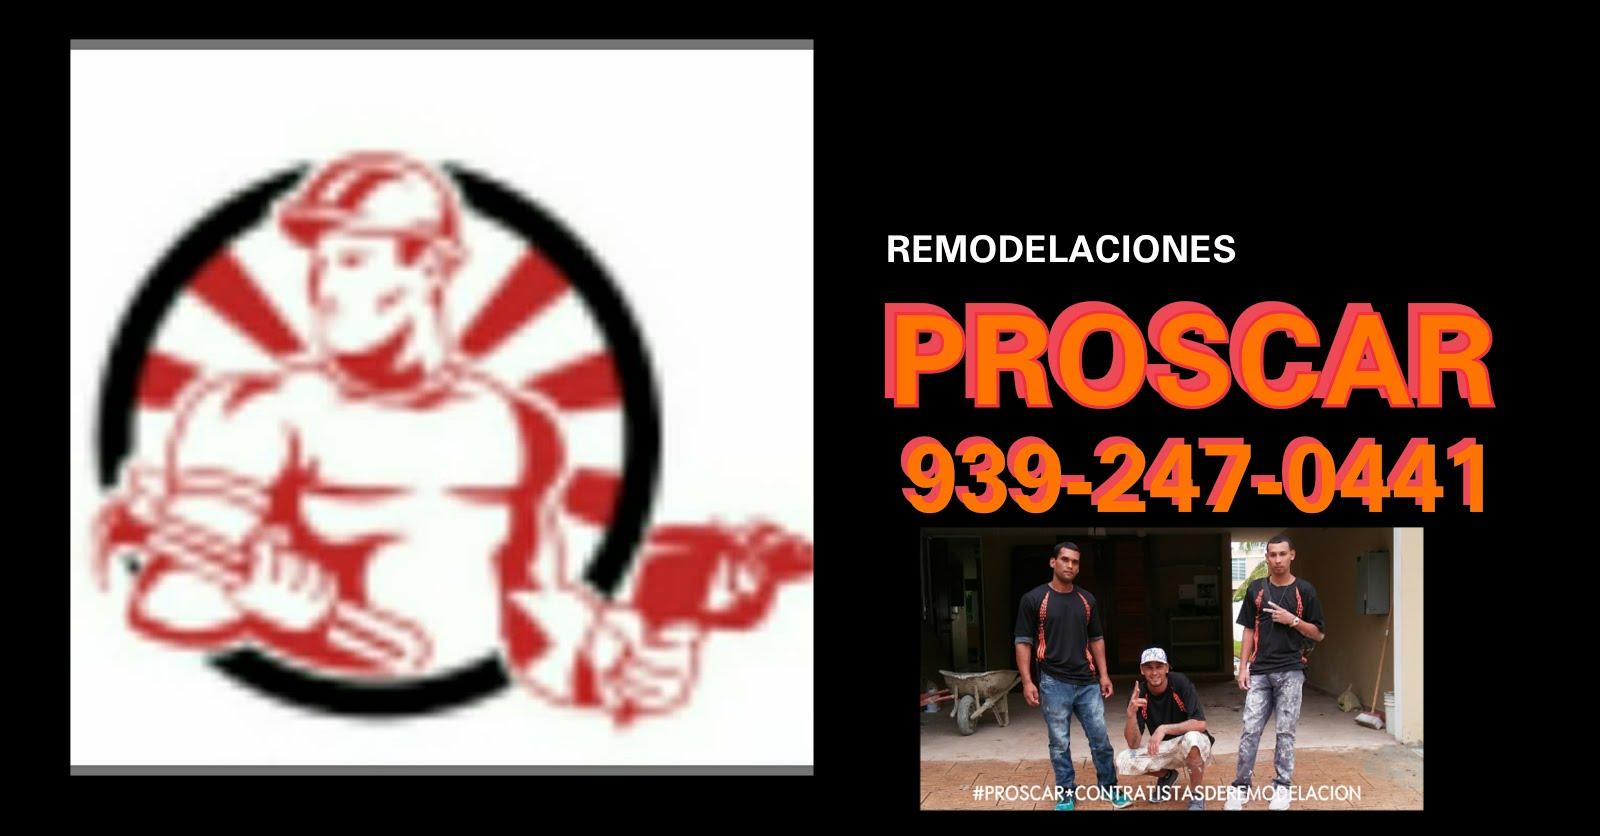 Remodelaciones PROSCAR